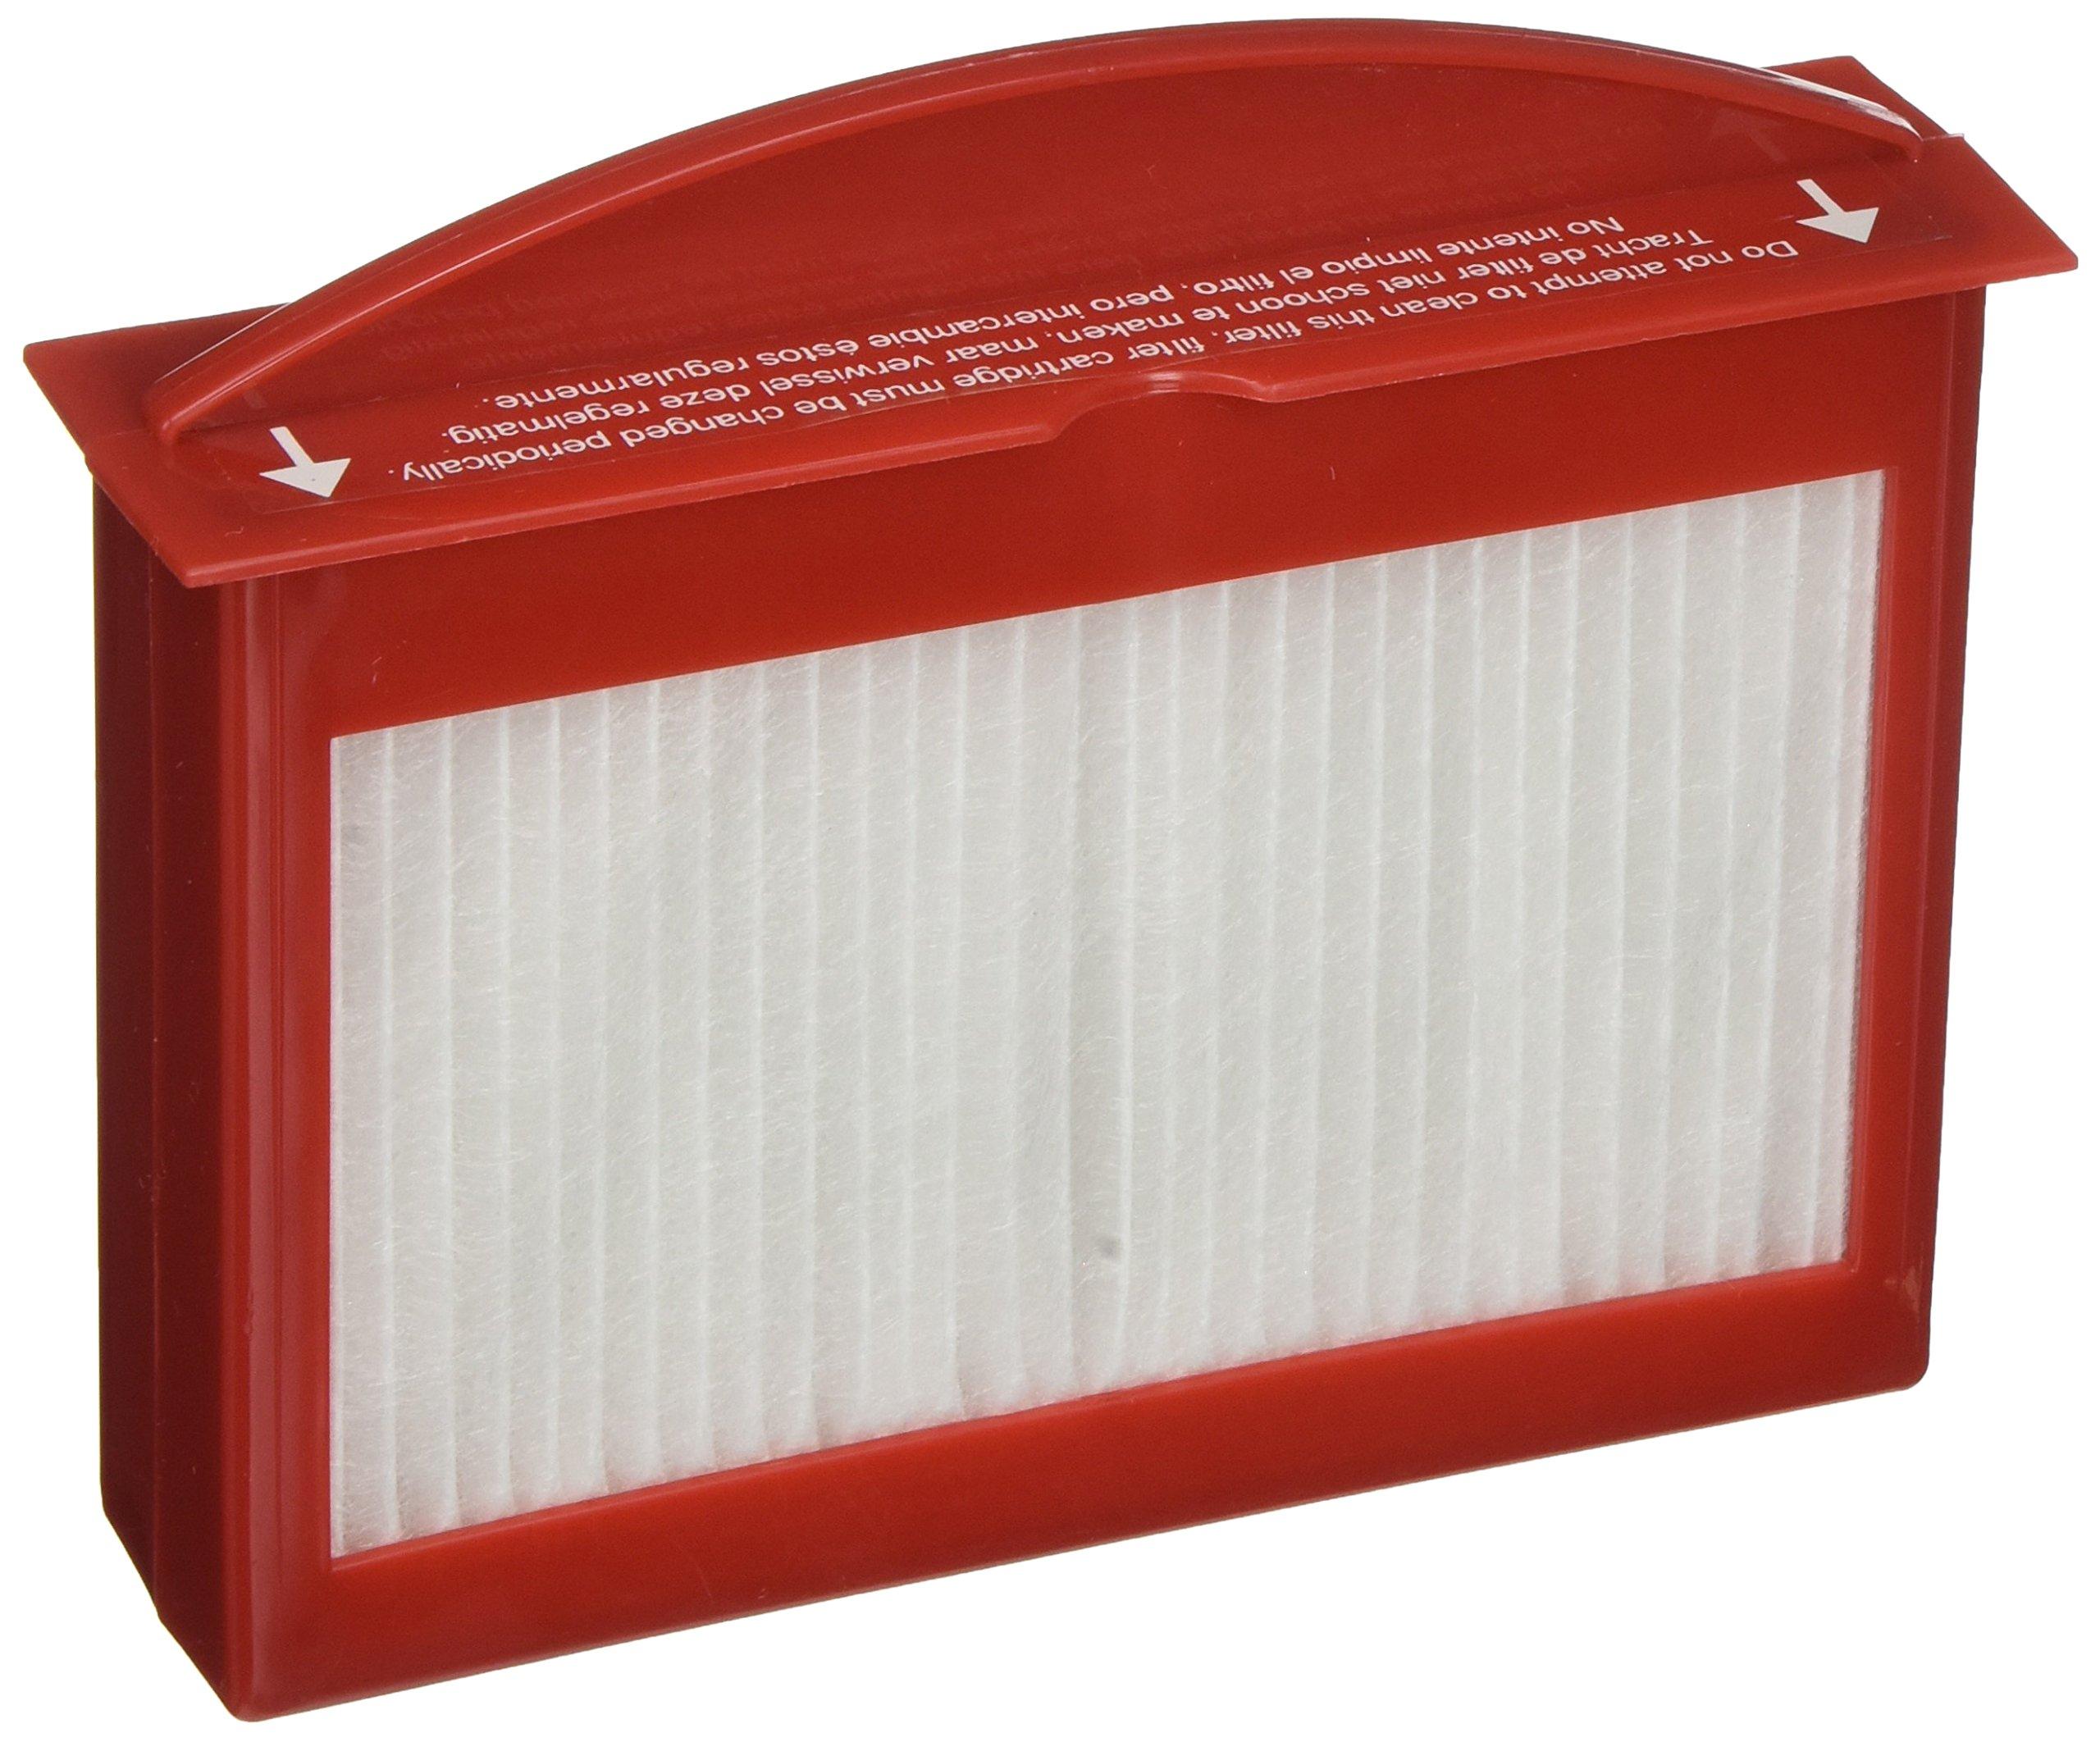 Exhaust filter Hepa (Red)